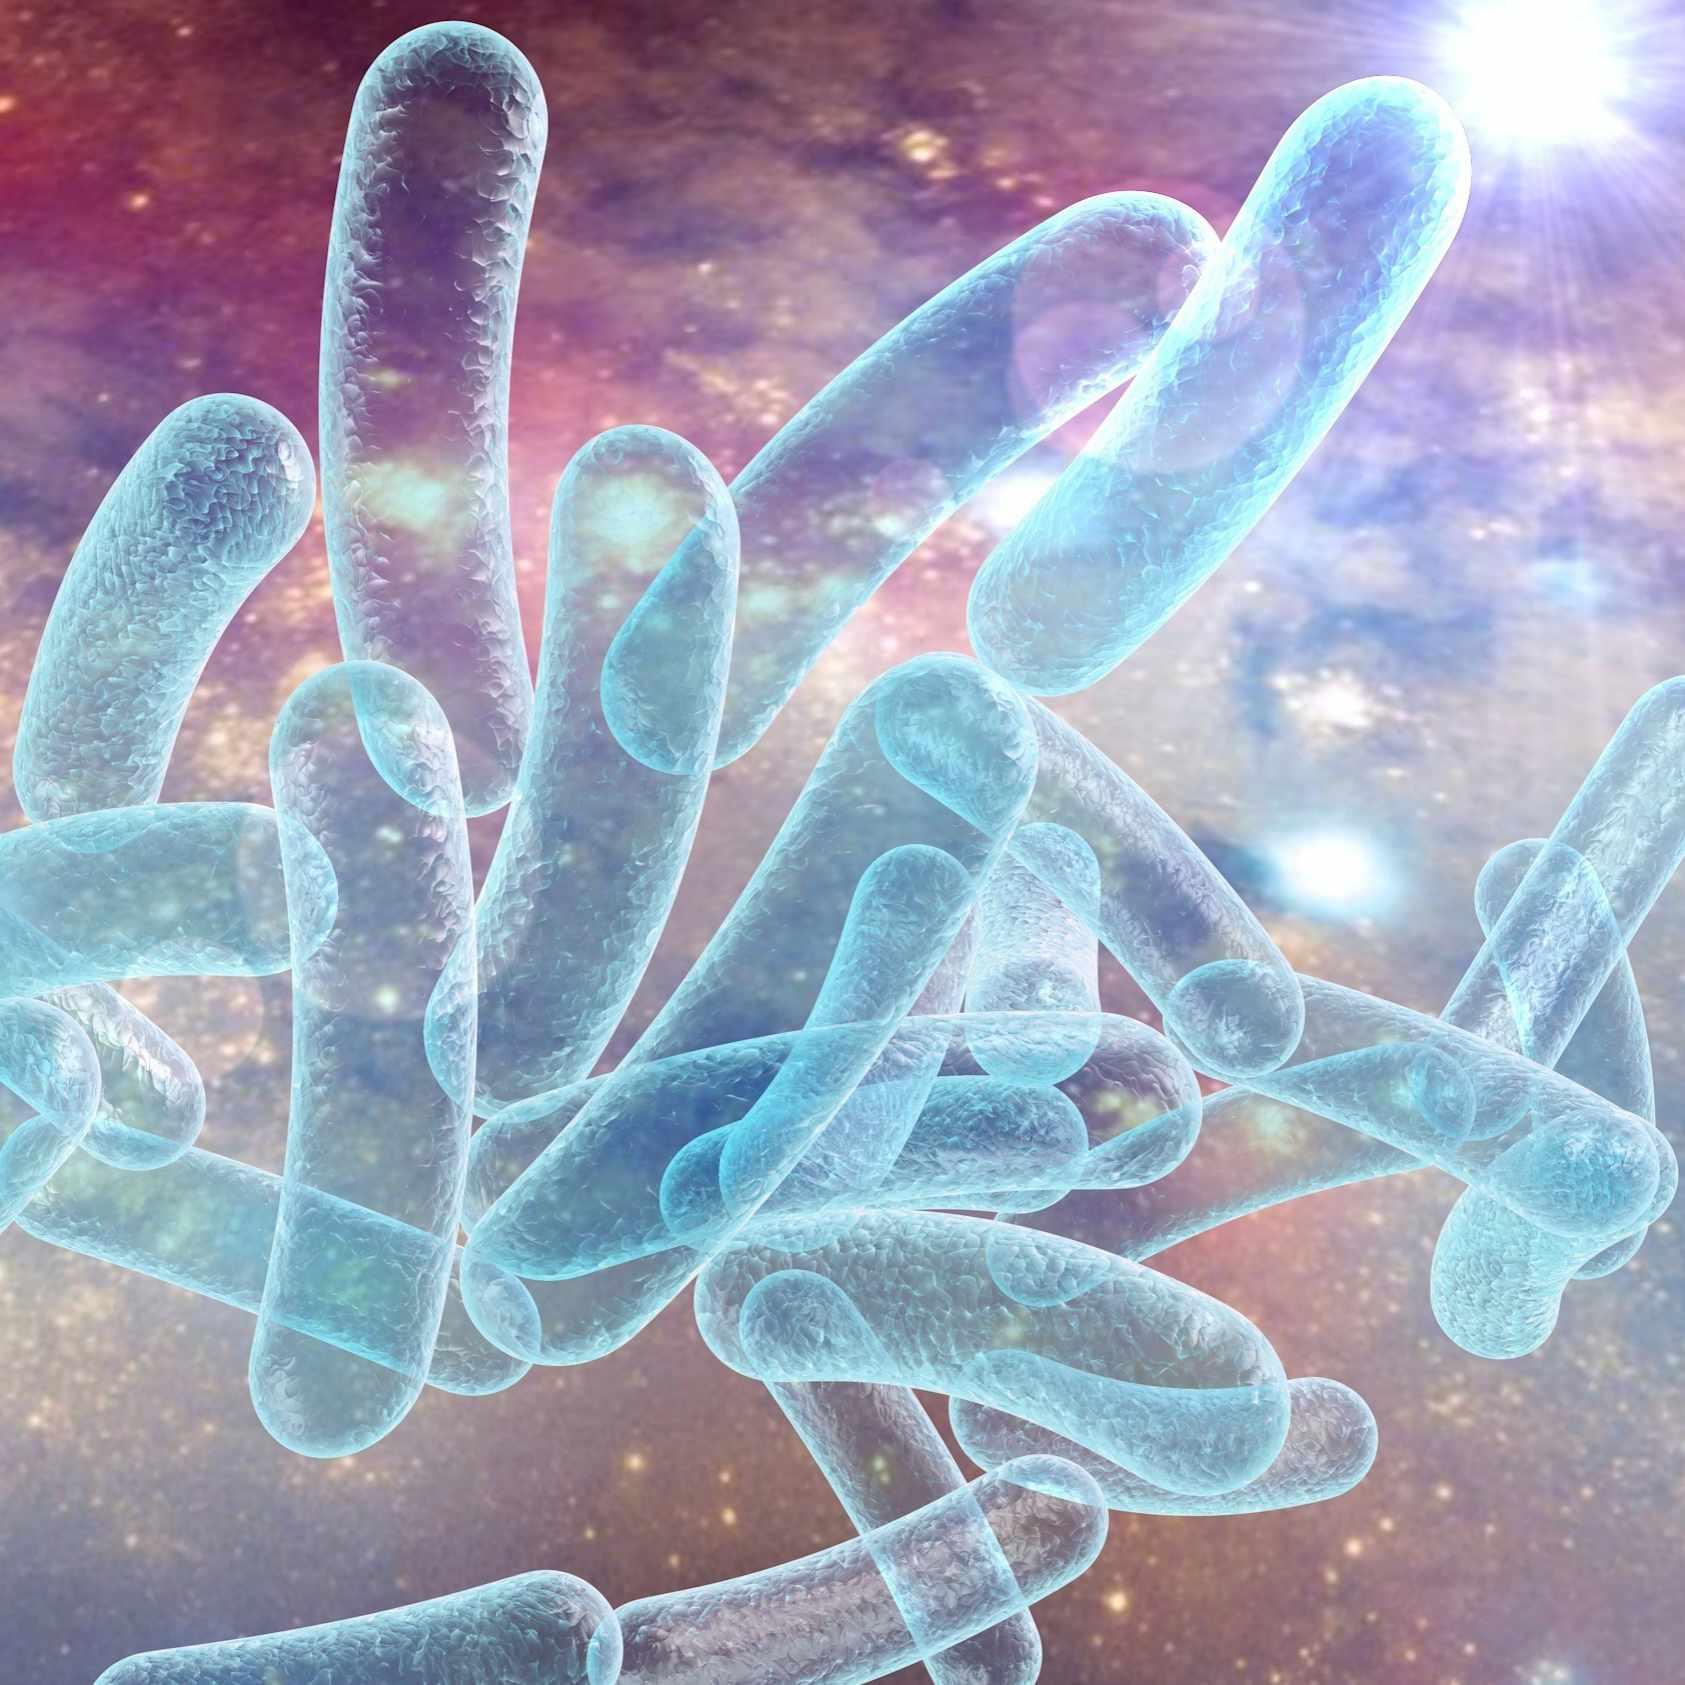 Bacterium Legionella pneumophila on surrealistic space background